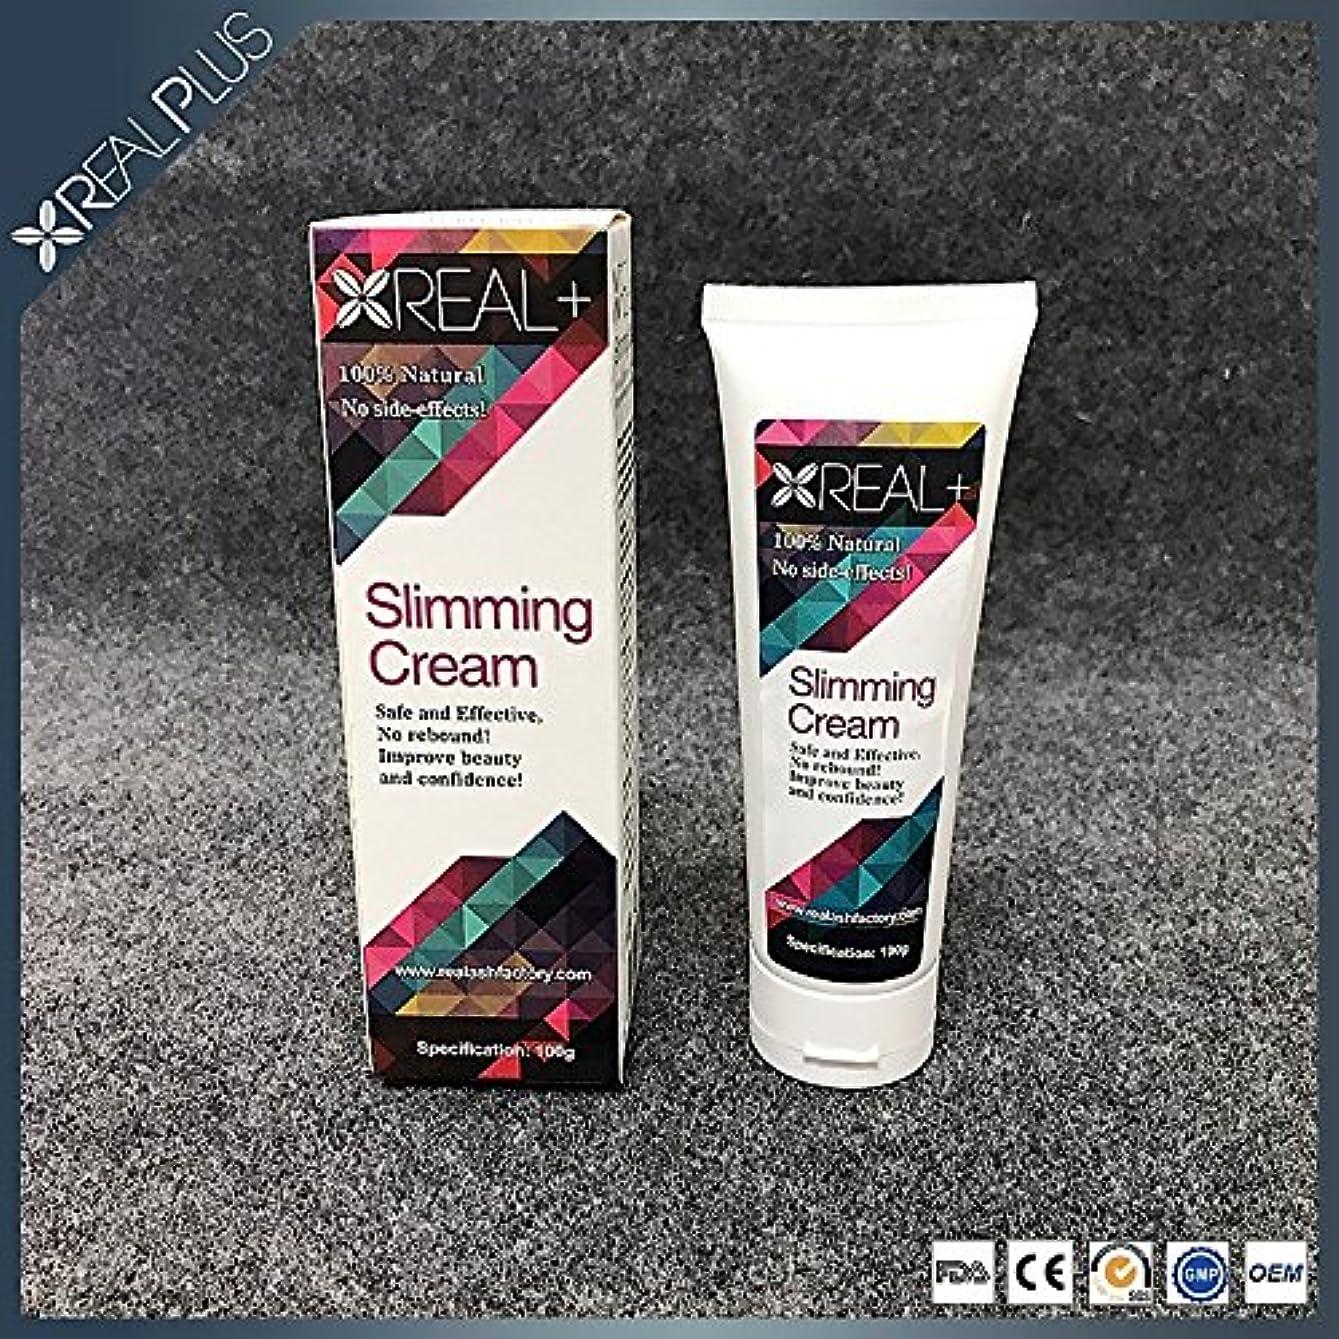 とティーム入り口大邸宅On Promotion - Real Plus slimming cream 100g 100% Natural No Side-effects [並行輸入品]